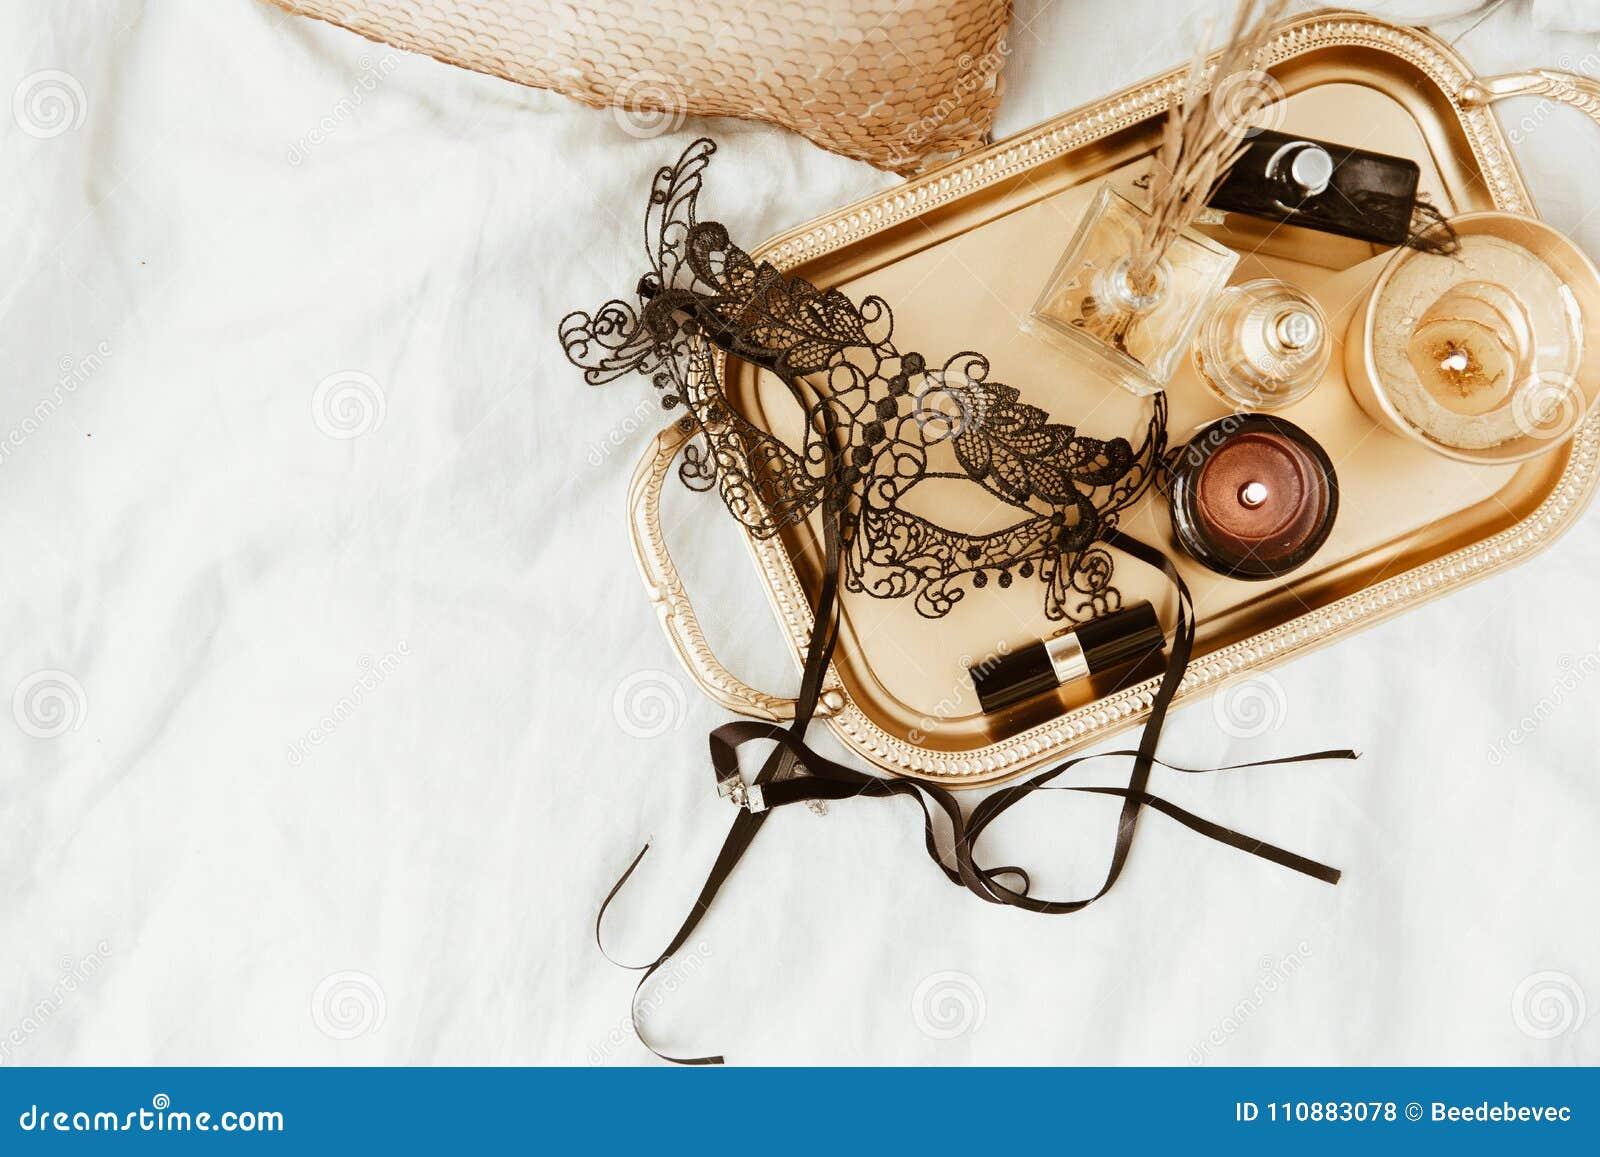 Stilvoller Goldbehälter und schwarze Maske auf weichem Bett flache Lagefrauenwesensmerkmale für einen Feiertag